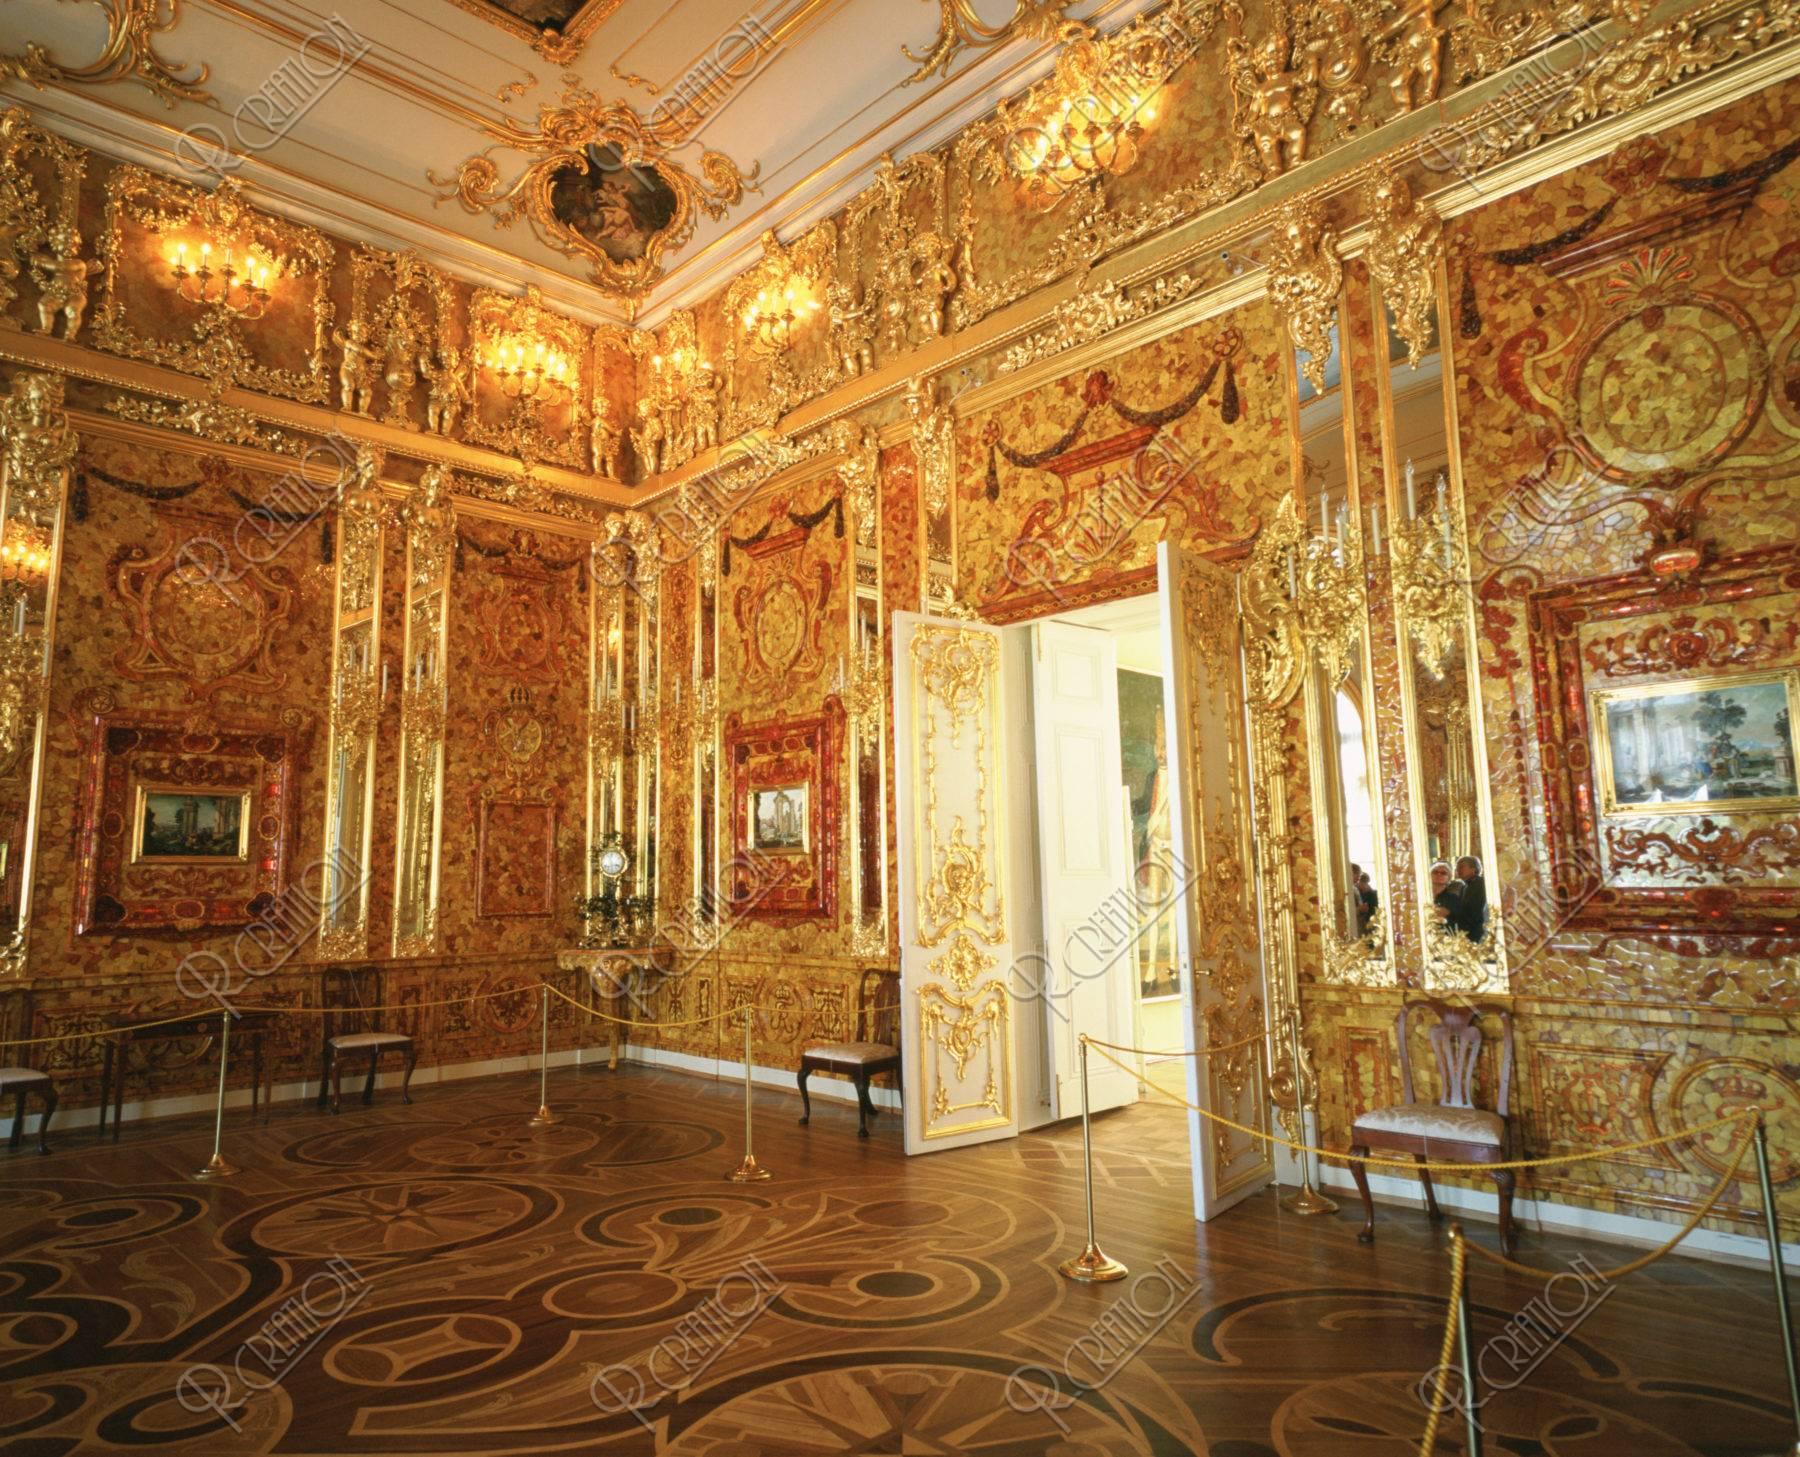 エカテリーナ宮殿 琥珀の間 世界遺産